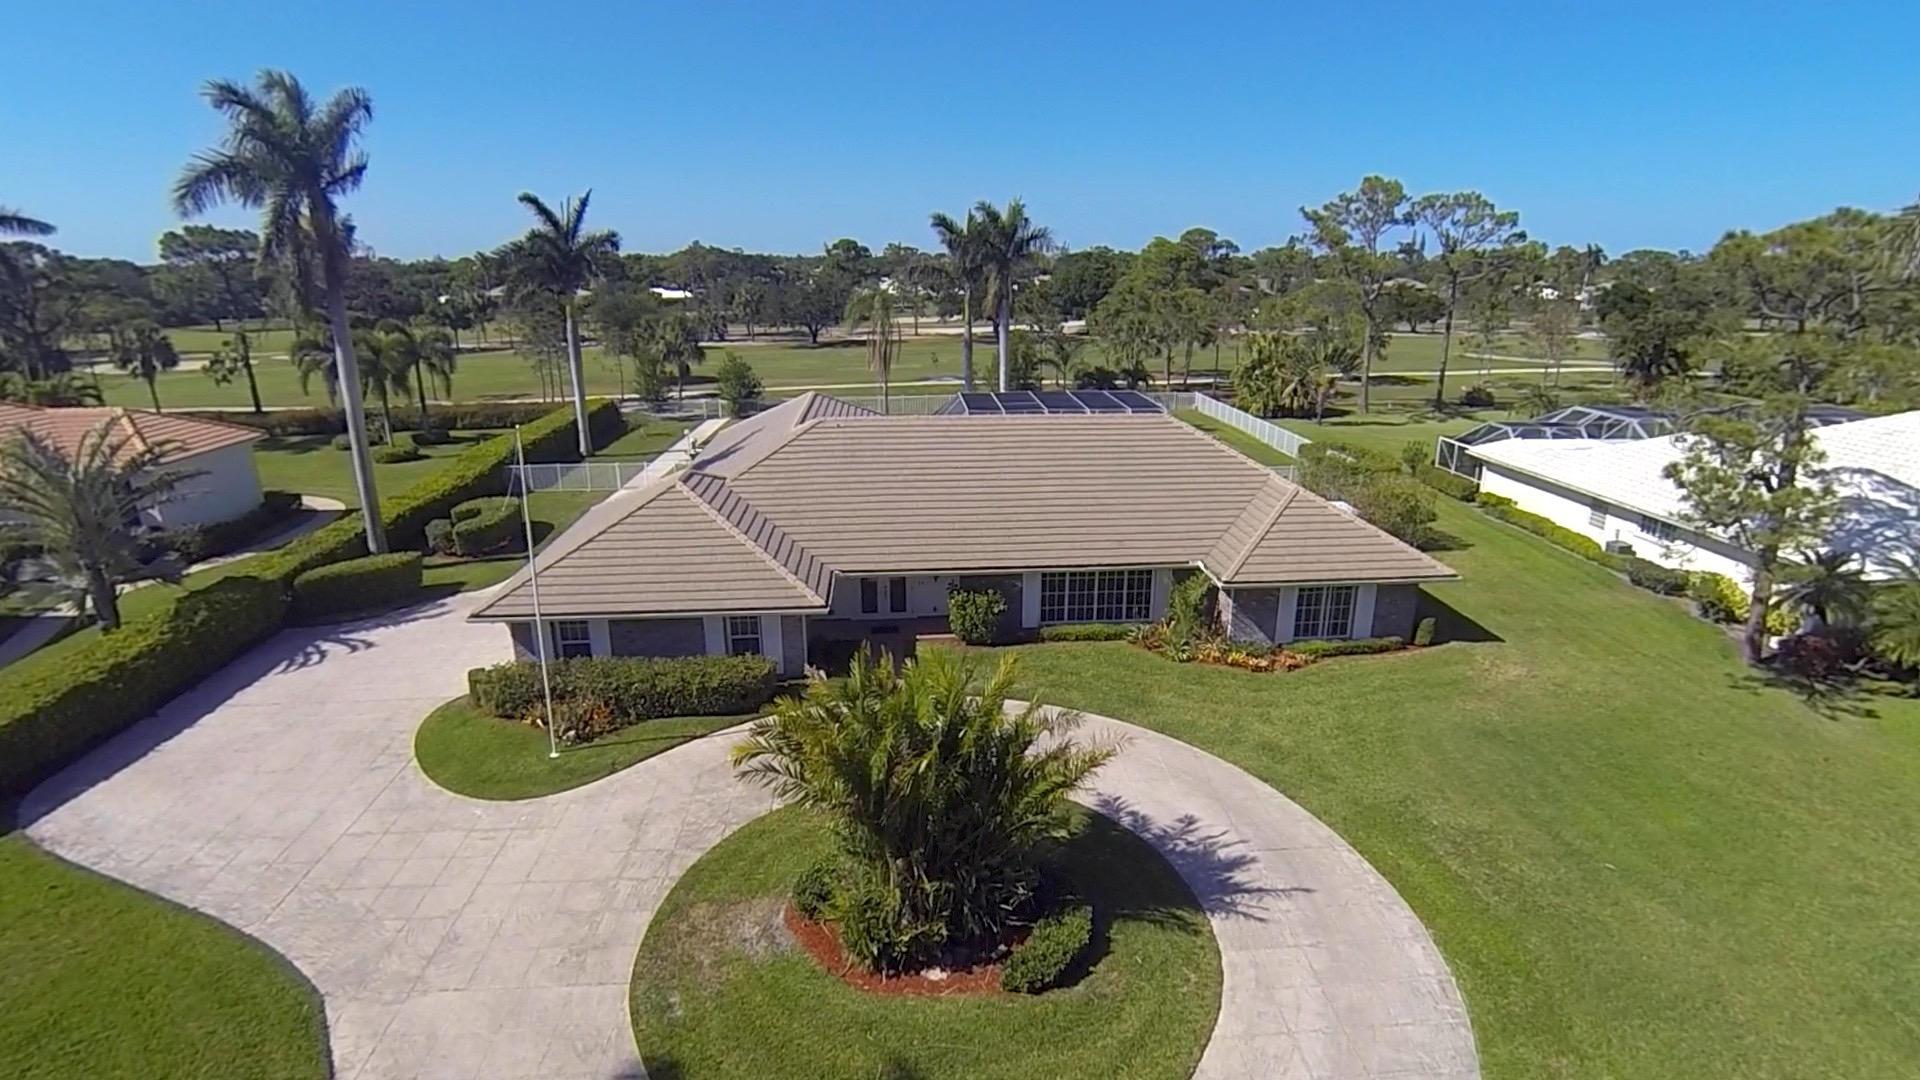 Photo of 635 Atlantis Estates Atlantis FL 33462 MLS RX-10423394